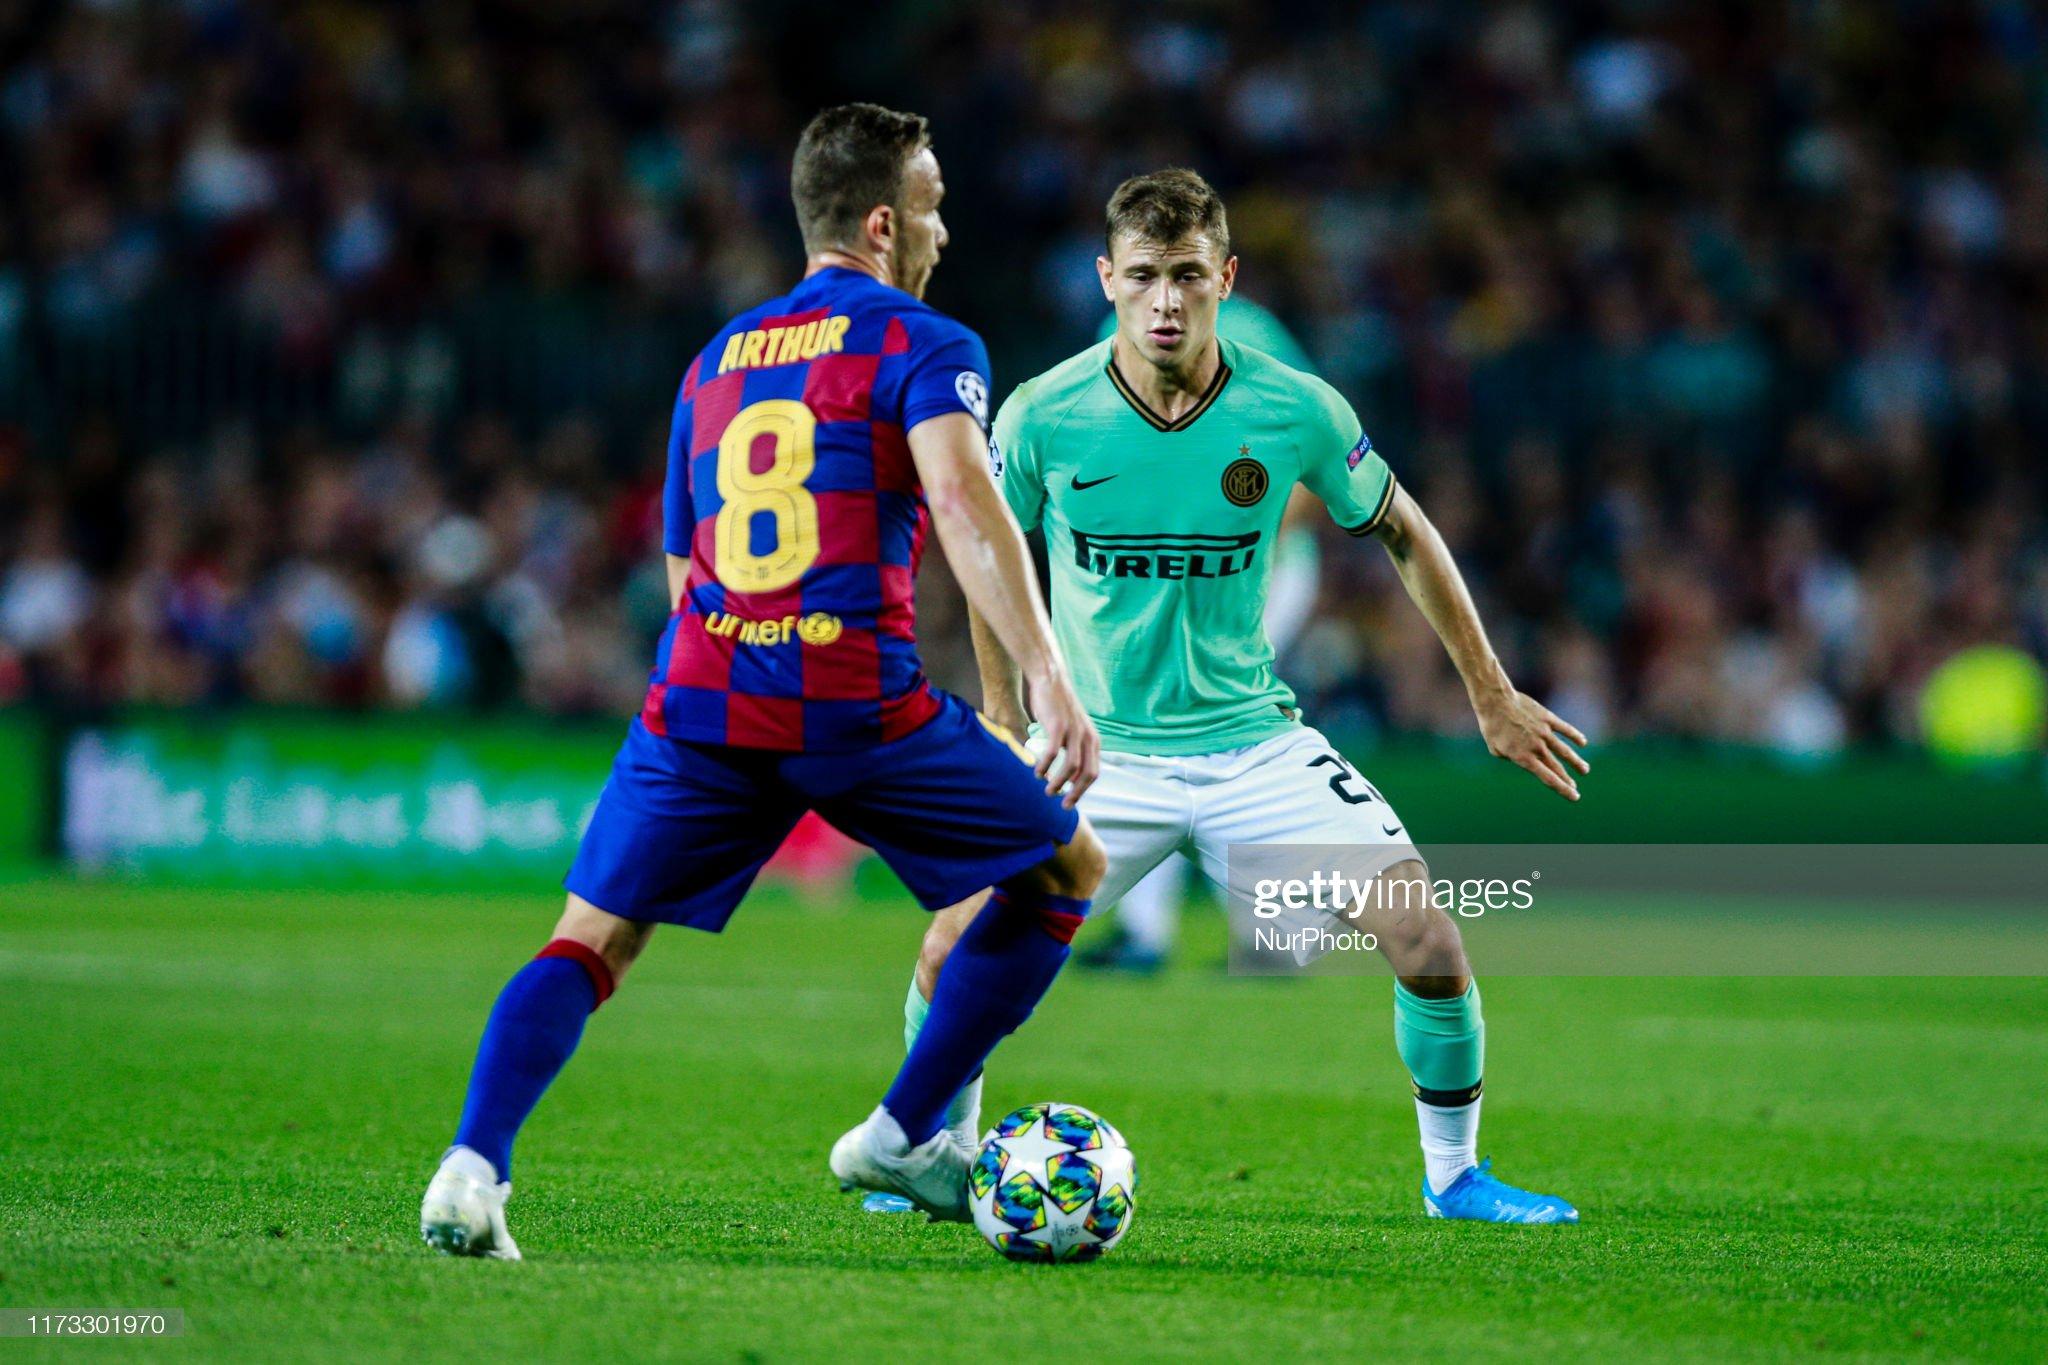 صور مباراة : برشلونة - إنتر 2-1 ( 02-10-2019 )  Nicolo-barella-of-fc-internazionale-milano-defending-08-arthur-melo-picture-id1173301970?s=2048x2048